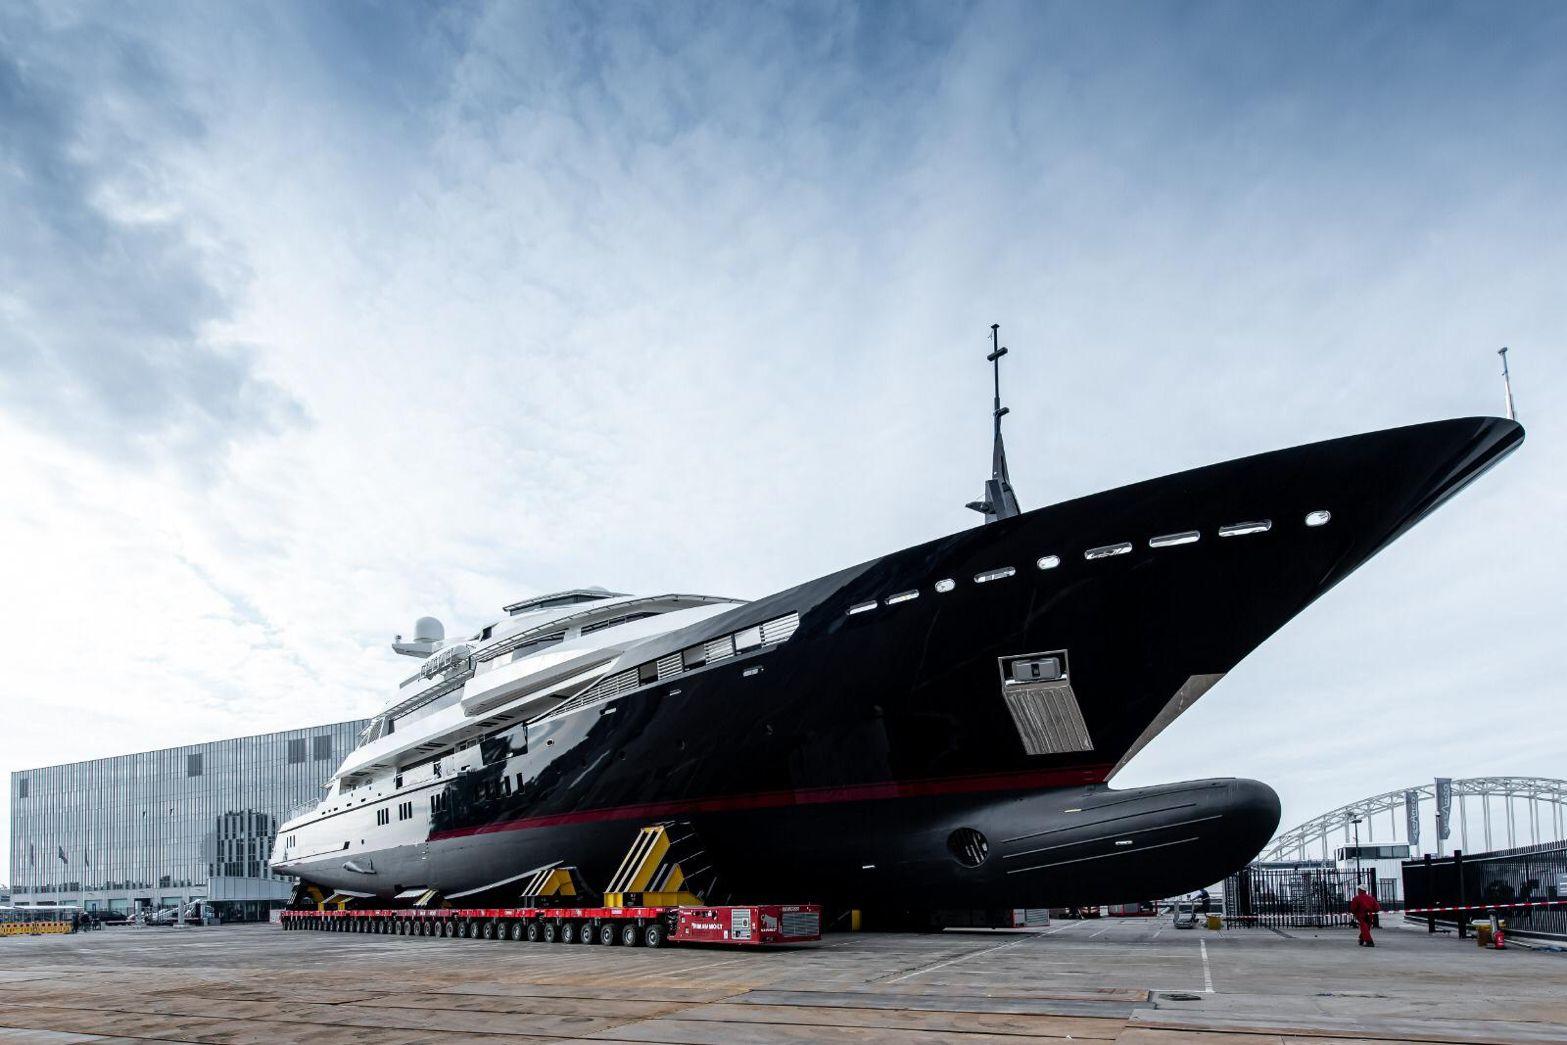 De Alfa Nero keerde terug naar Alblasserdam voor een refit. (Foto Oceanco)